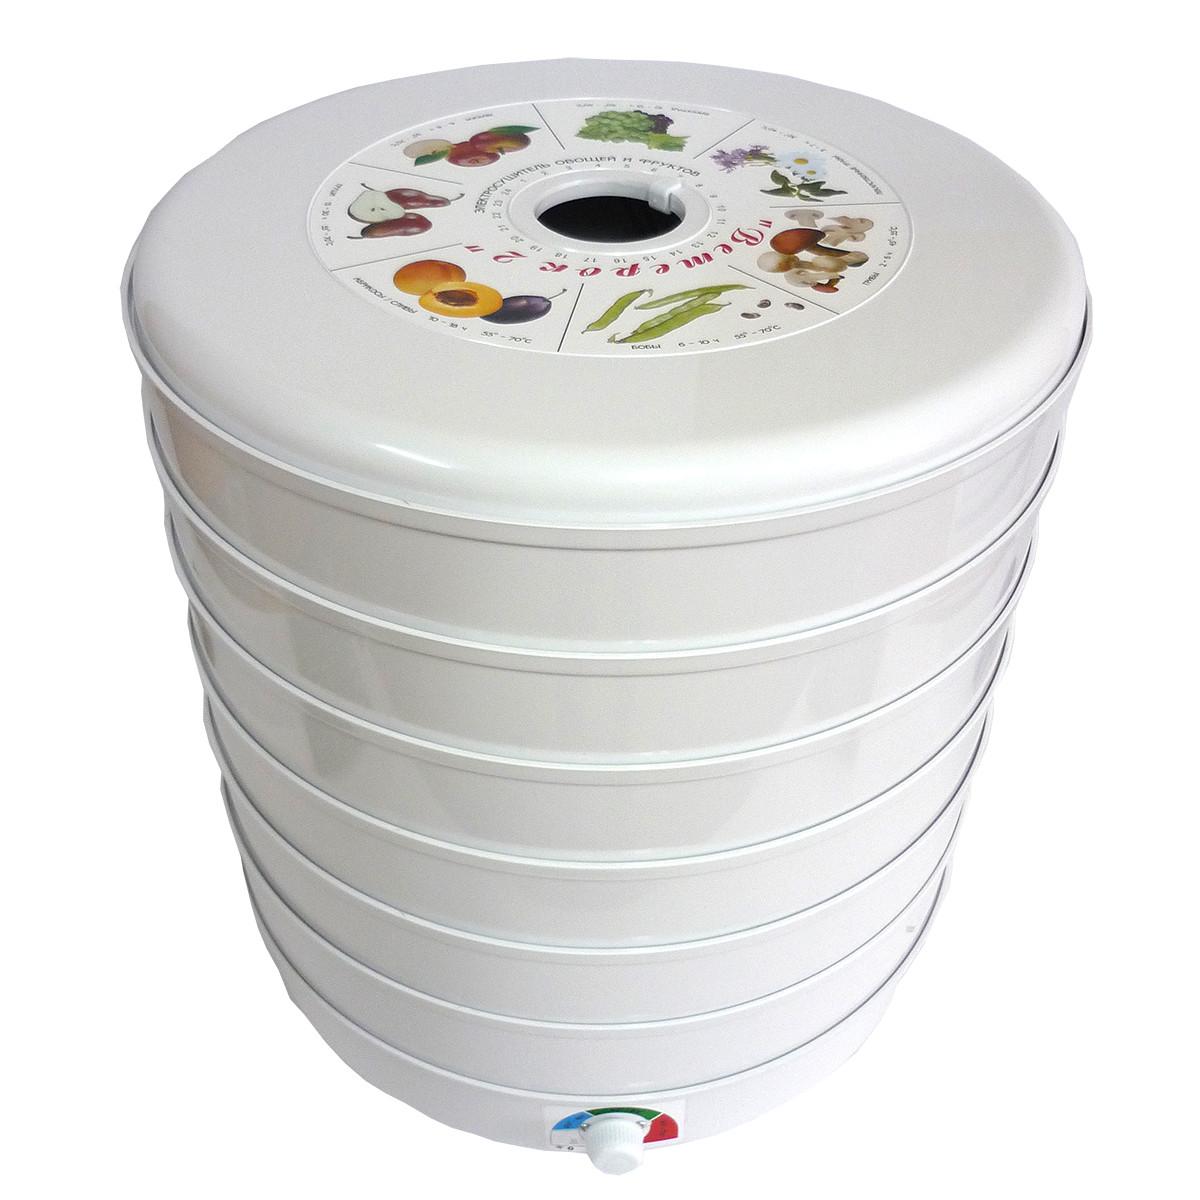 Сушилка для фруктов и овощей Ветерок-2 мощностью 600 Вт